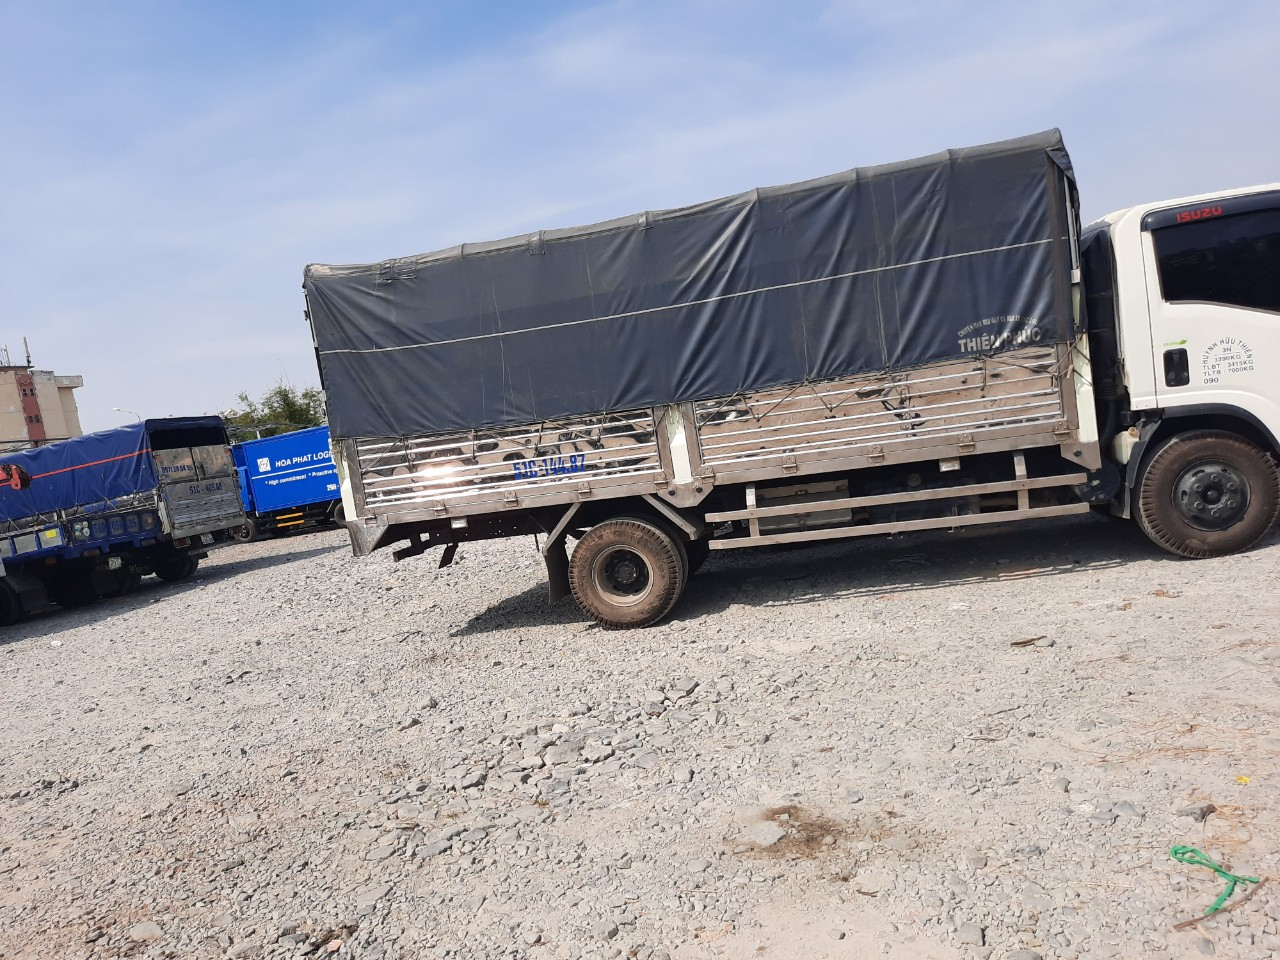 Dịch vụ cho thuê xe tải chuyển nhà Quận 7 - Vận tải Lâm Sang